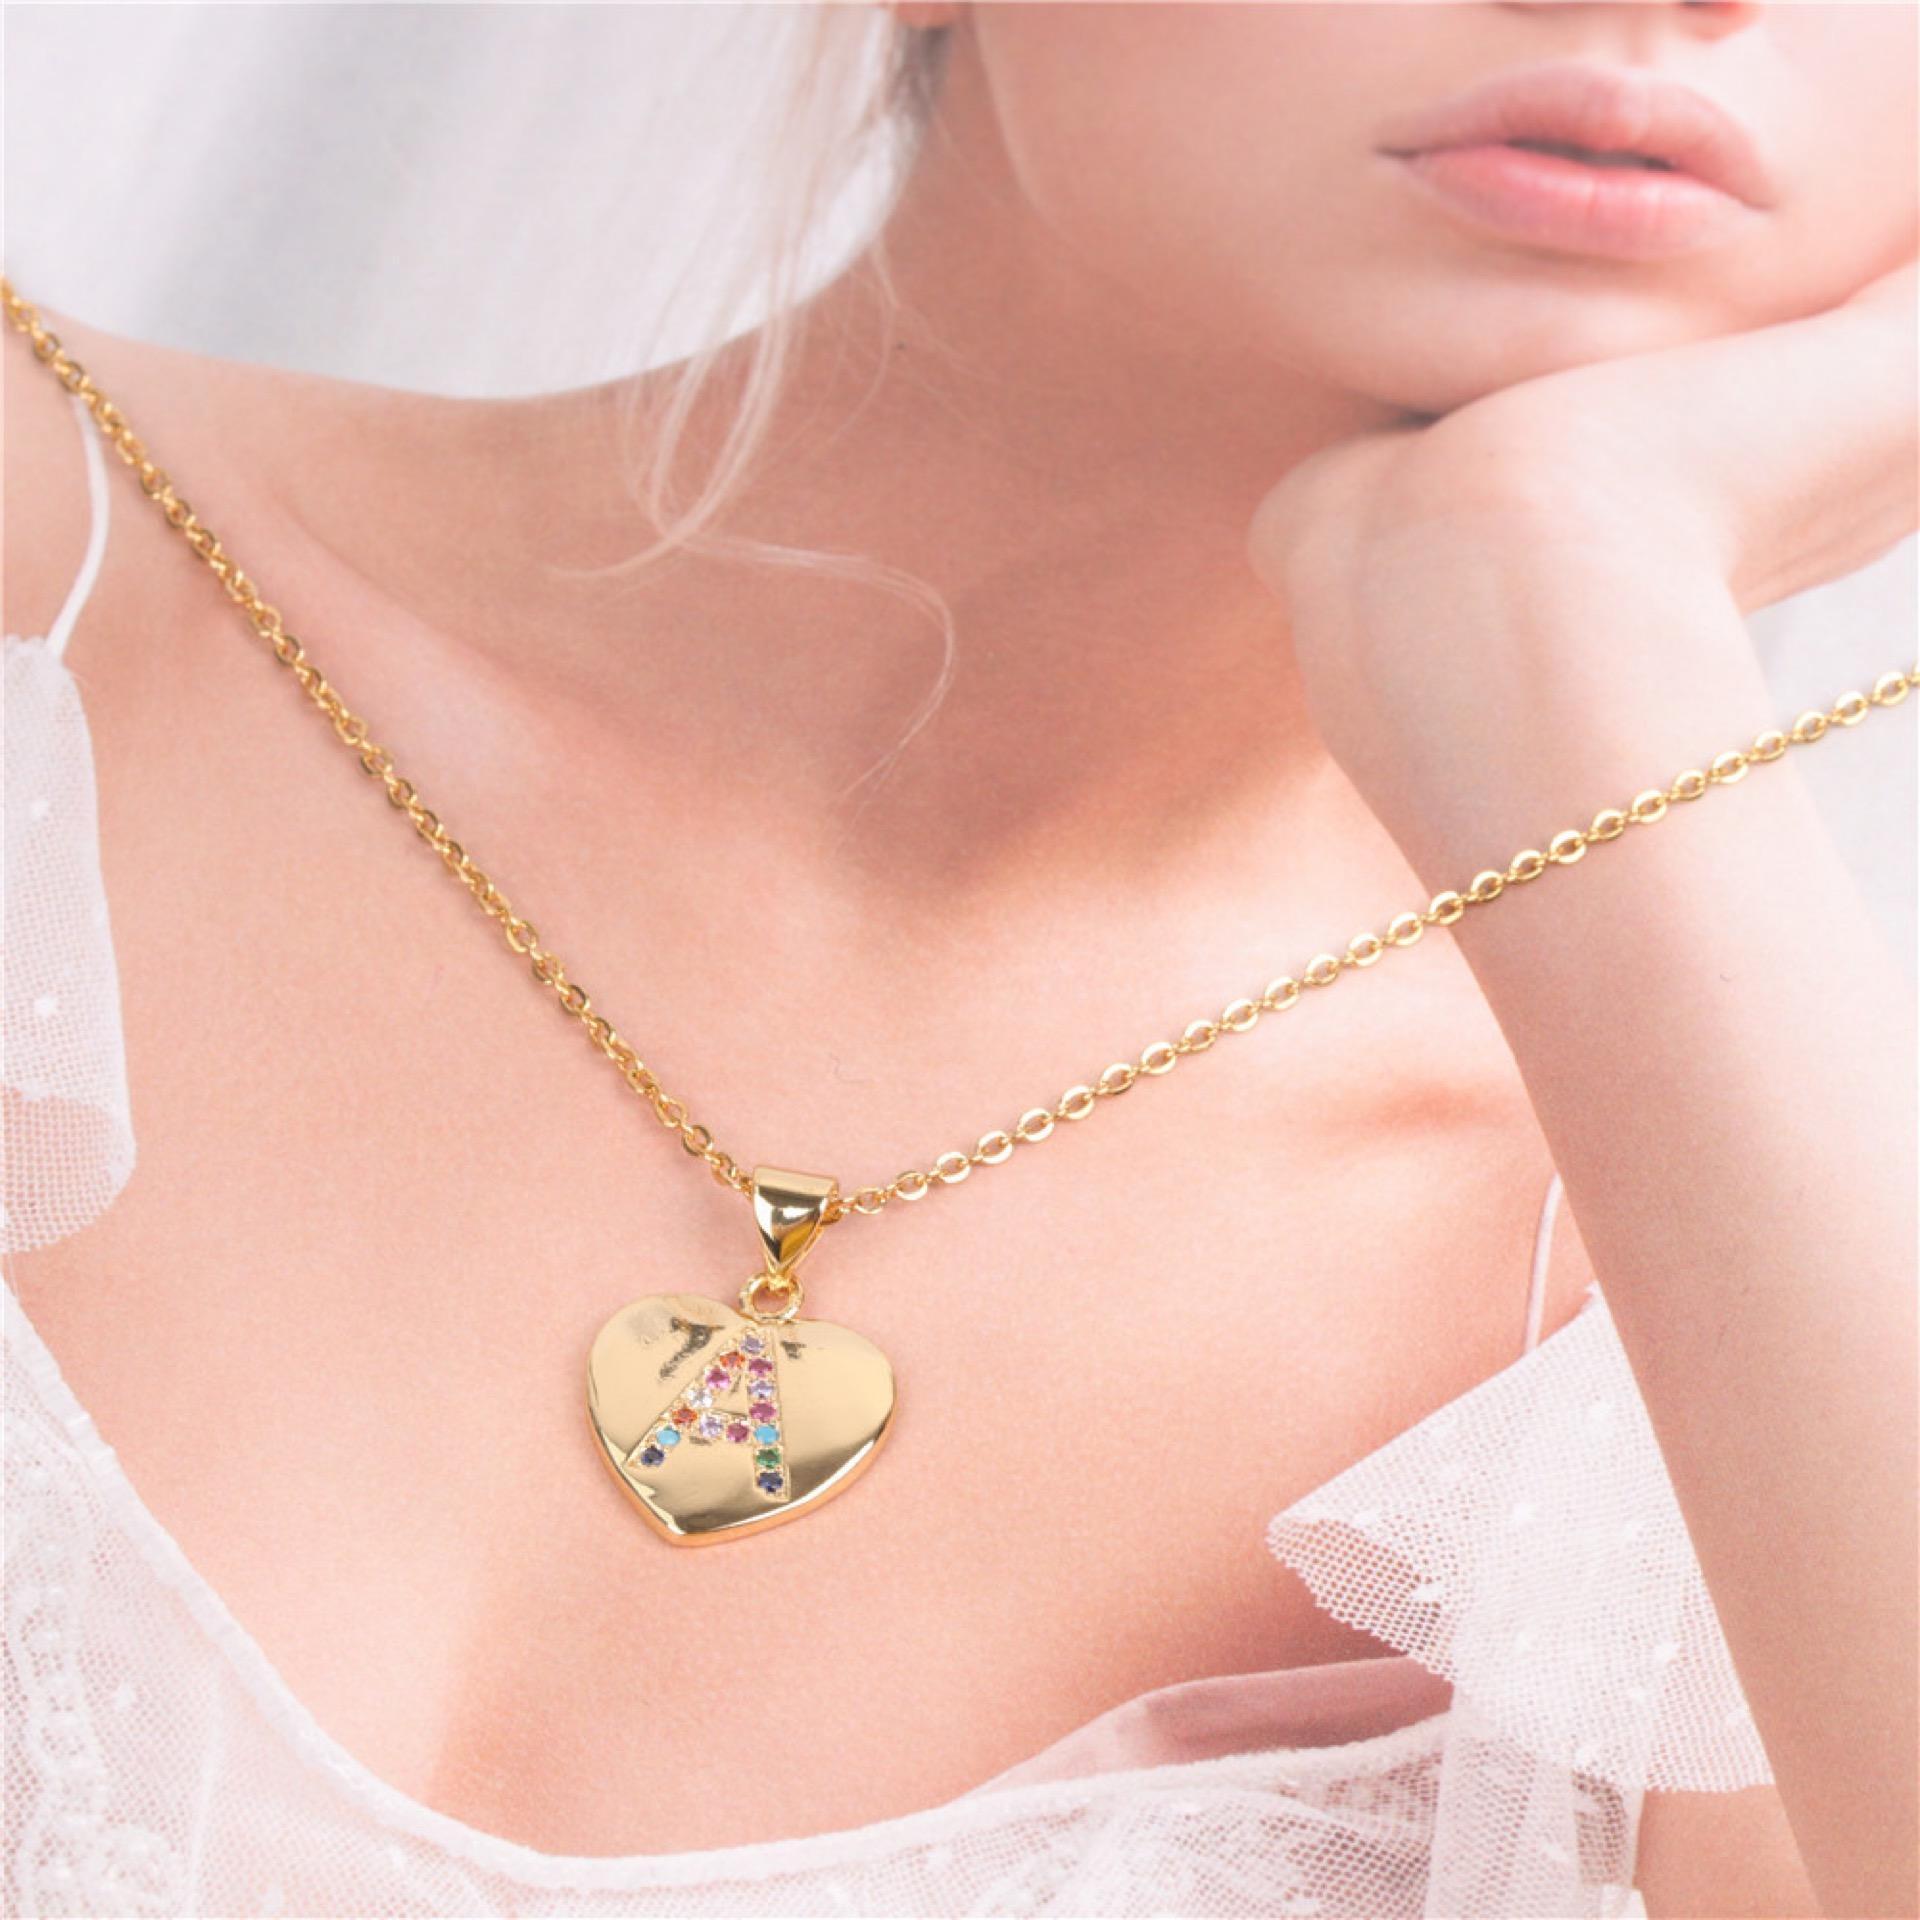 Neueste IN Fashions Mädchen-Halskette eingelegten Love Letters Halskette A bis Z Zircon mischten Art-Entwerfer-Frauen-Haar-Zusätze